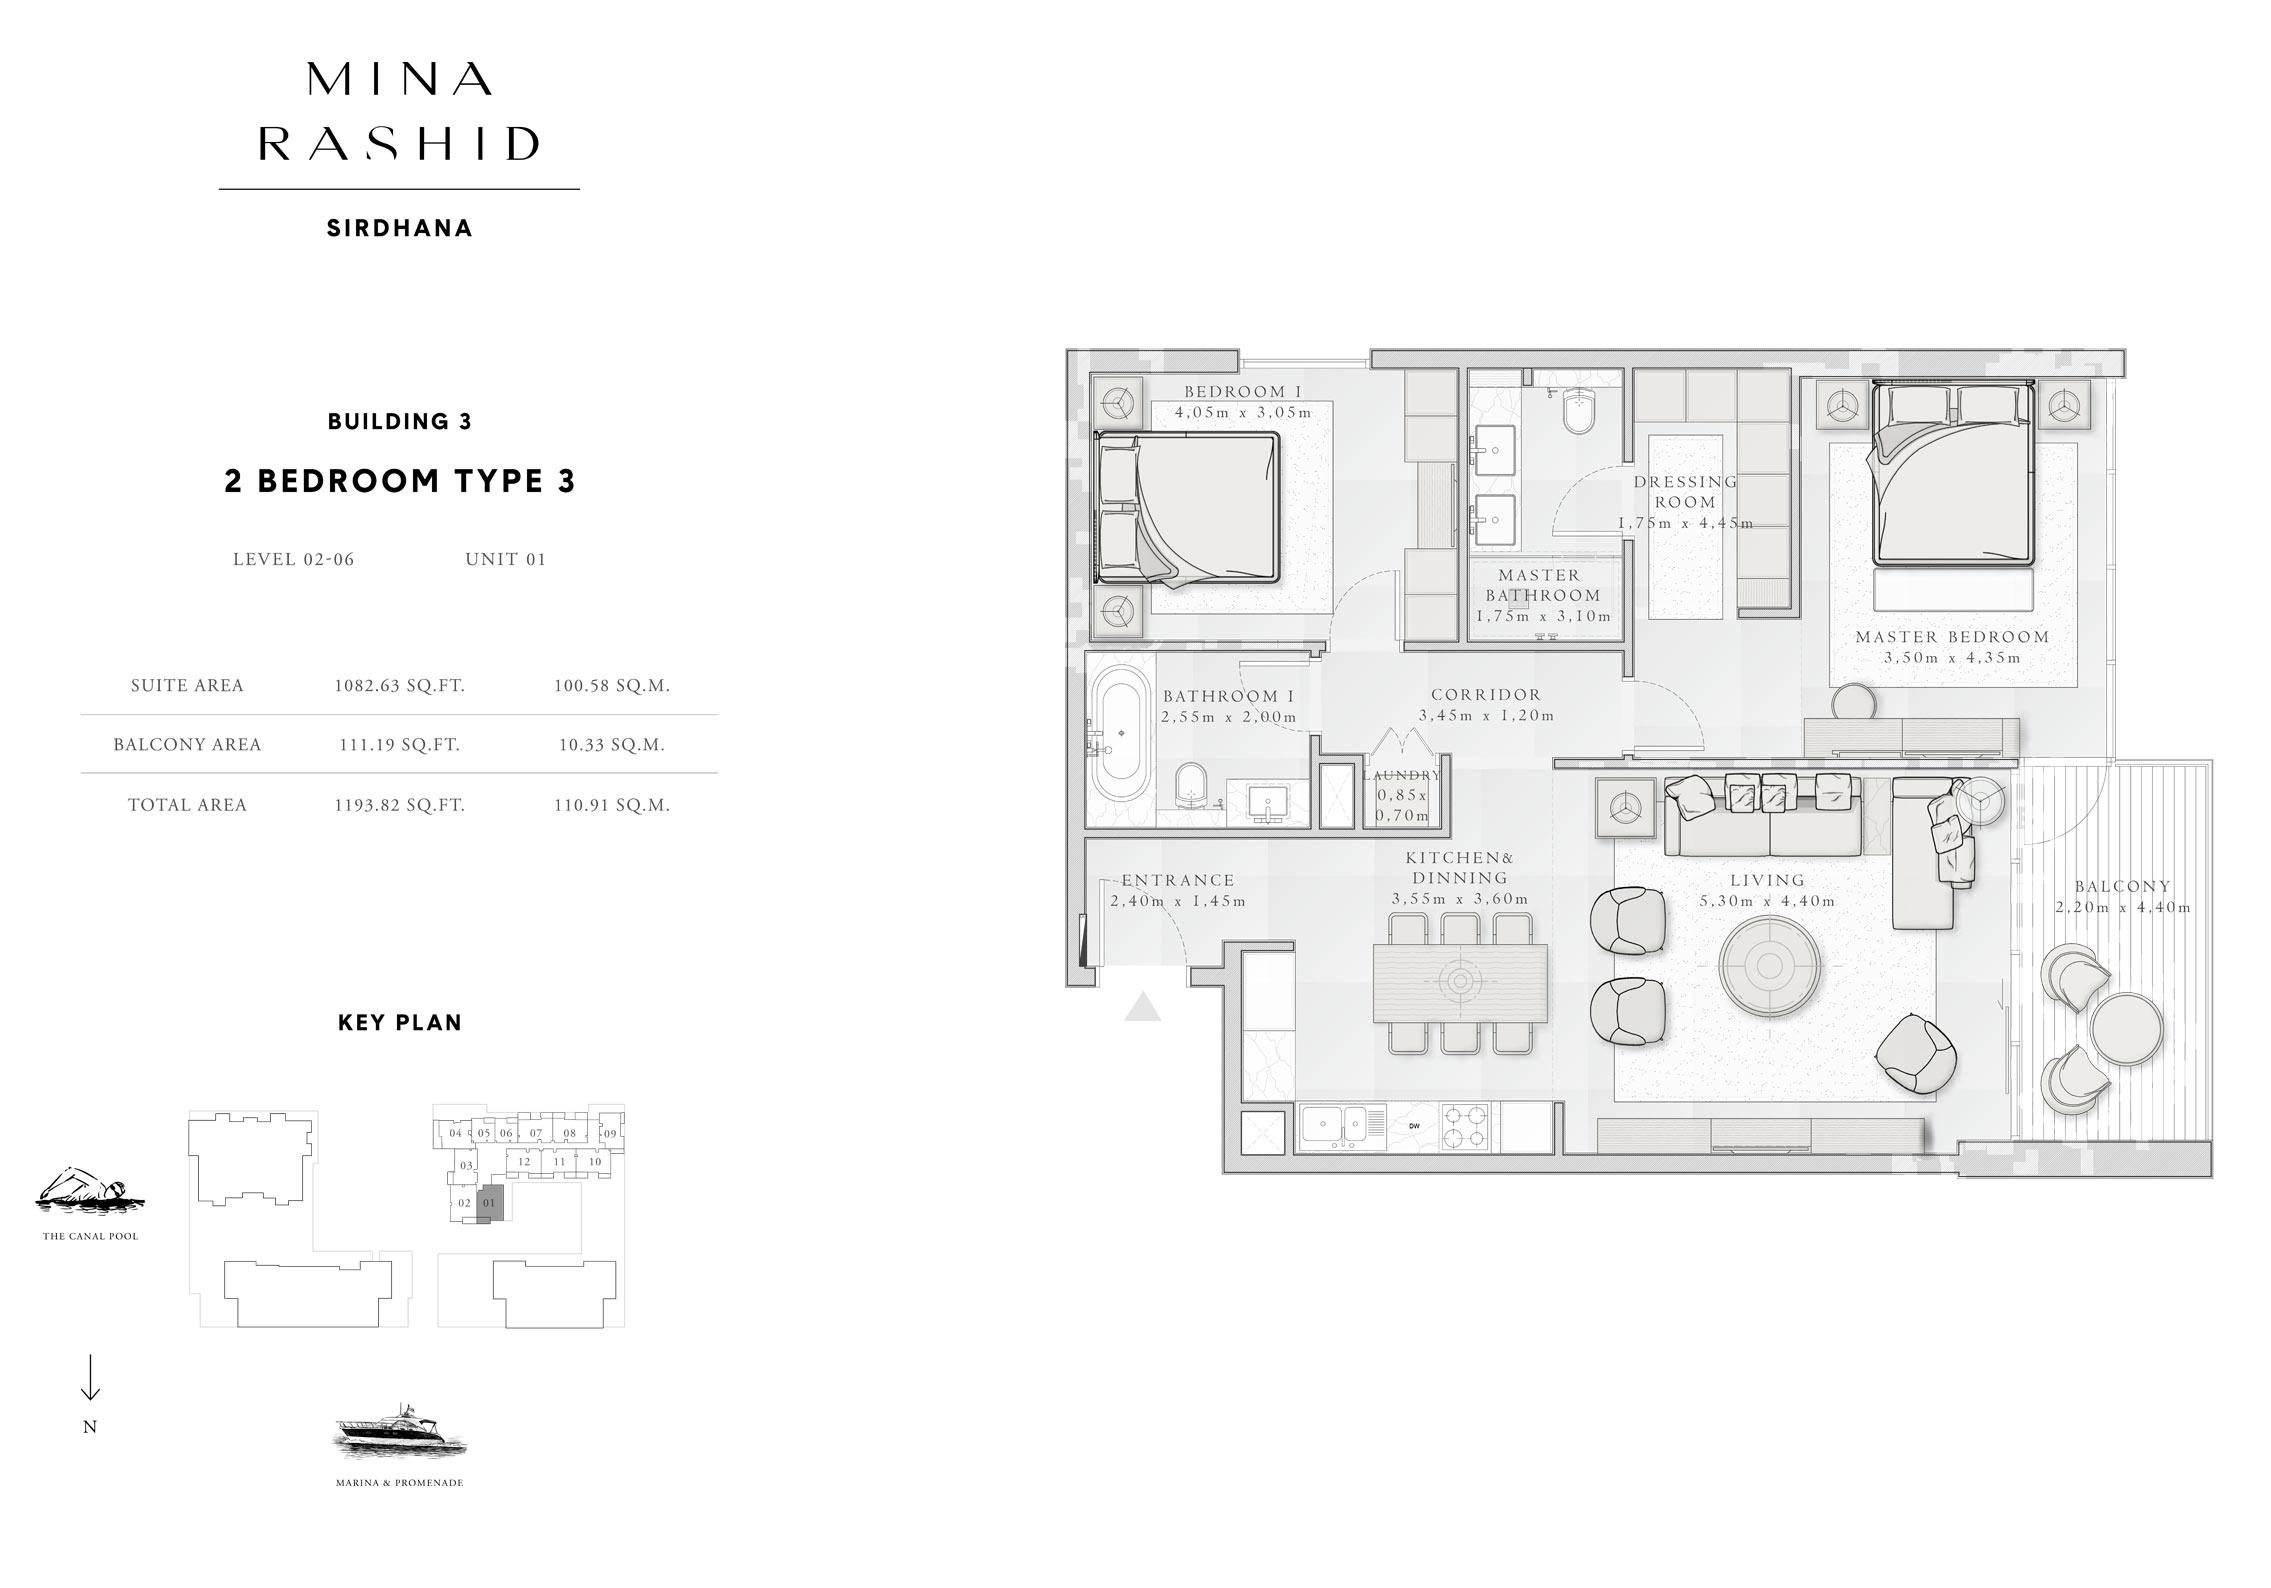 المبنى 3- غرفتي نوم،  نوع 3، المستوى 2 إلى 6، حجم-1193-قدم مربع